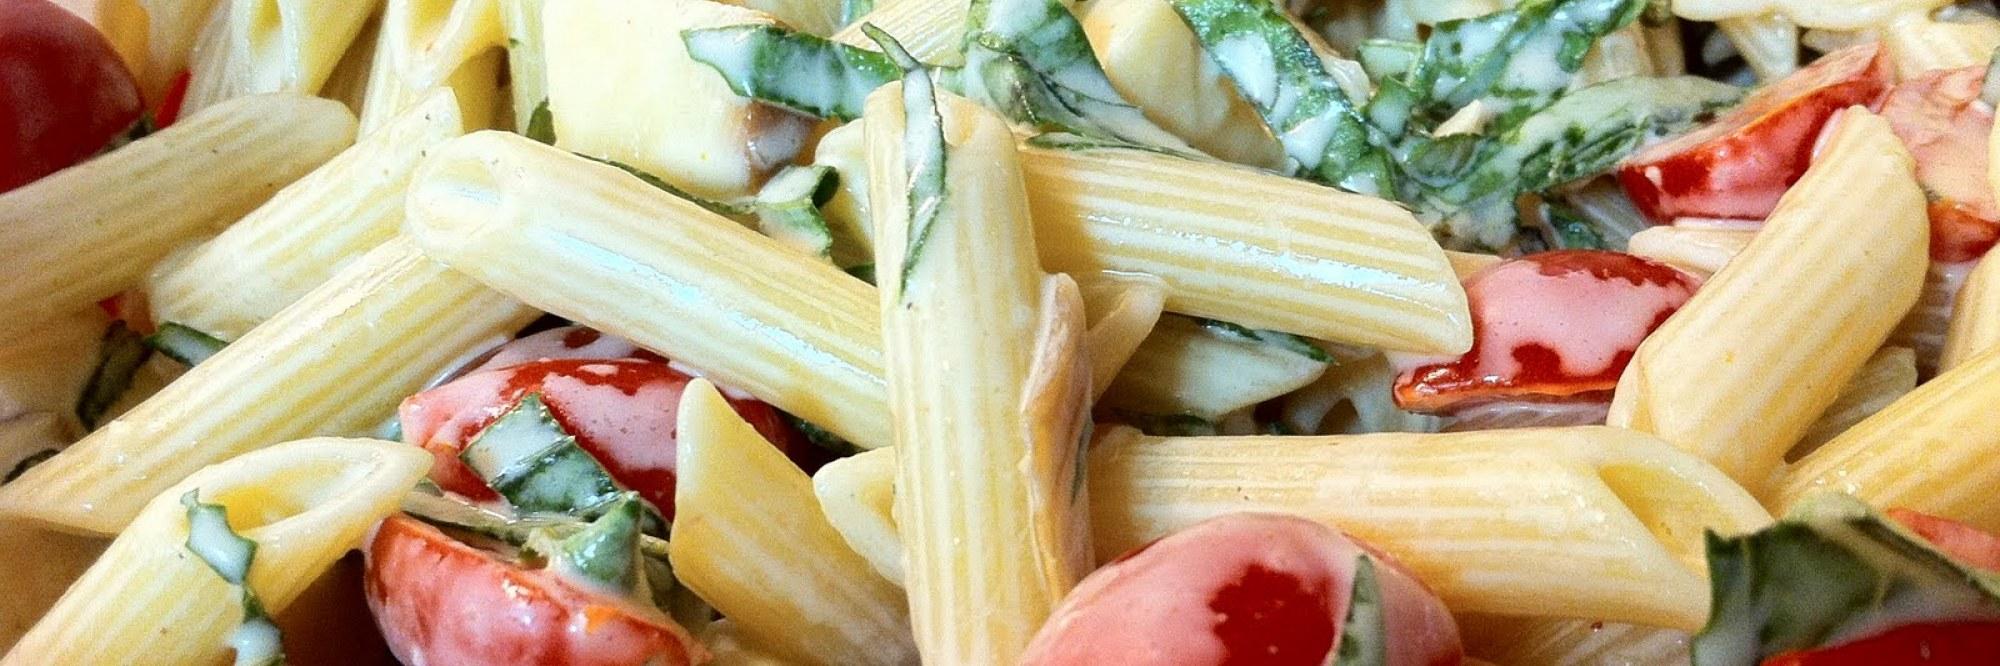 Salade de pâtes froide au basilic et à l'huile d'olive